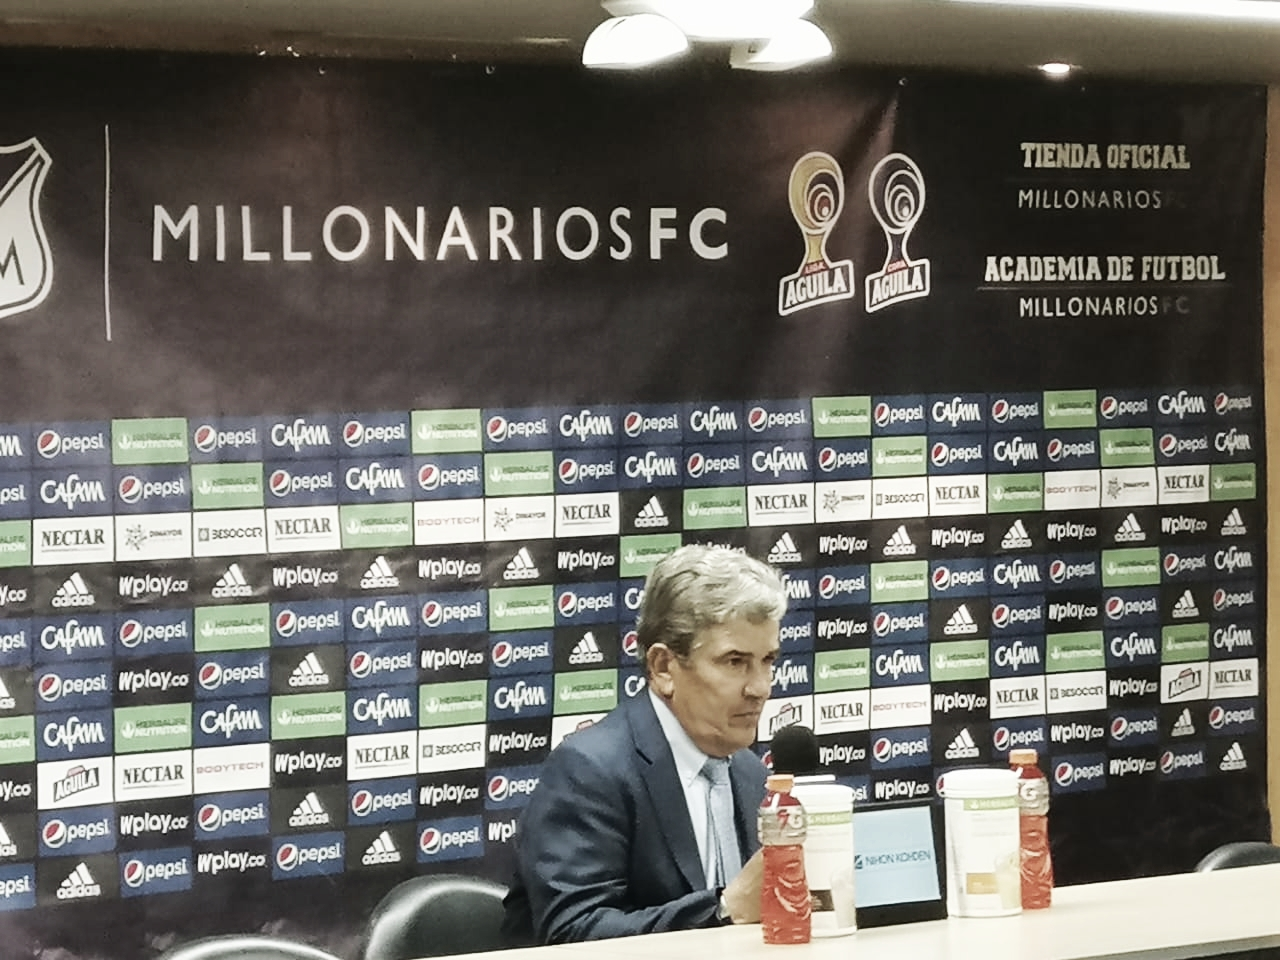 """Jorge Luis Pinto: """"Caímos en la desesperación, ese no es el fútbol de nosotros, lo de esta noche fue nefasto"""""""